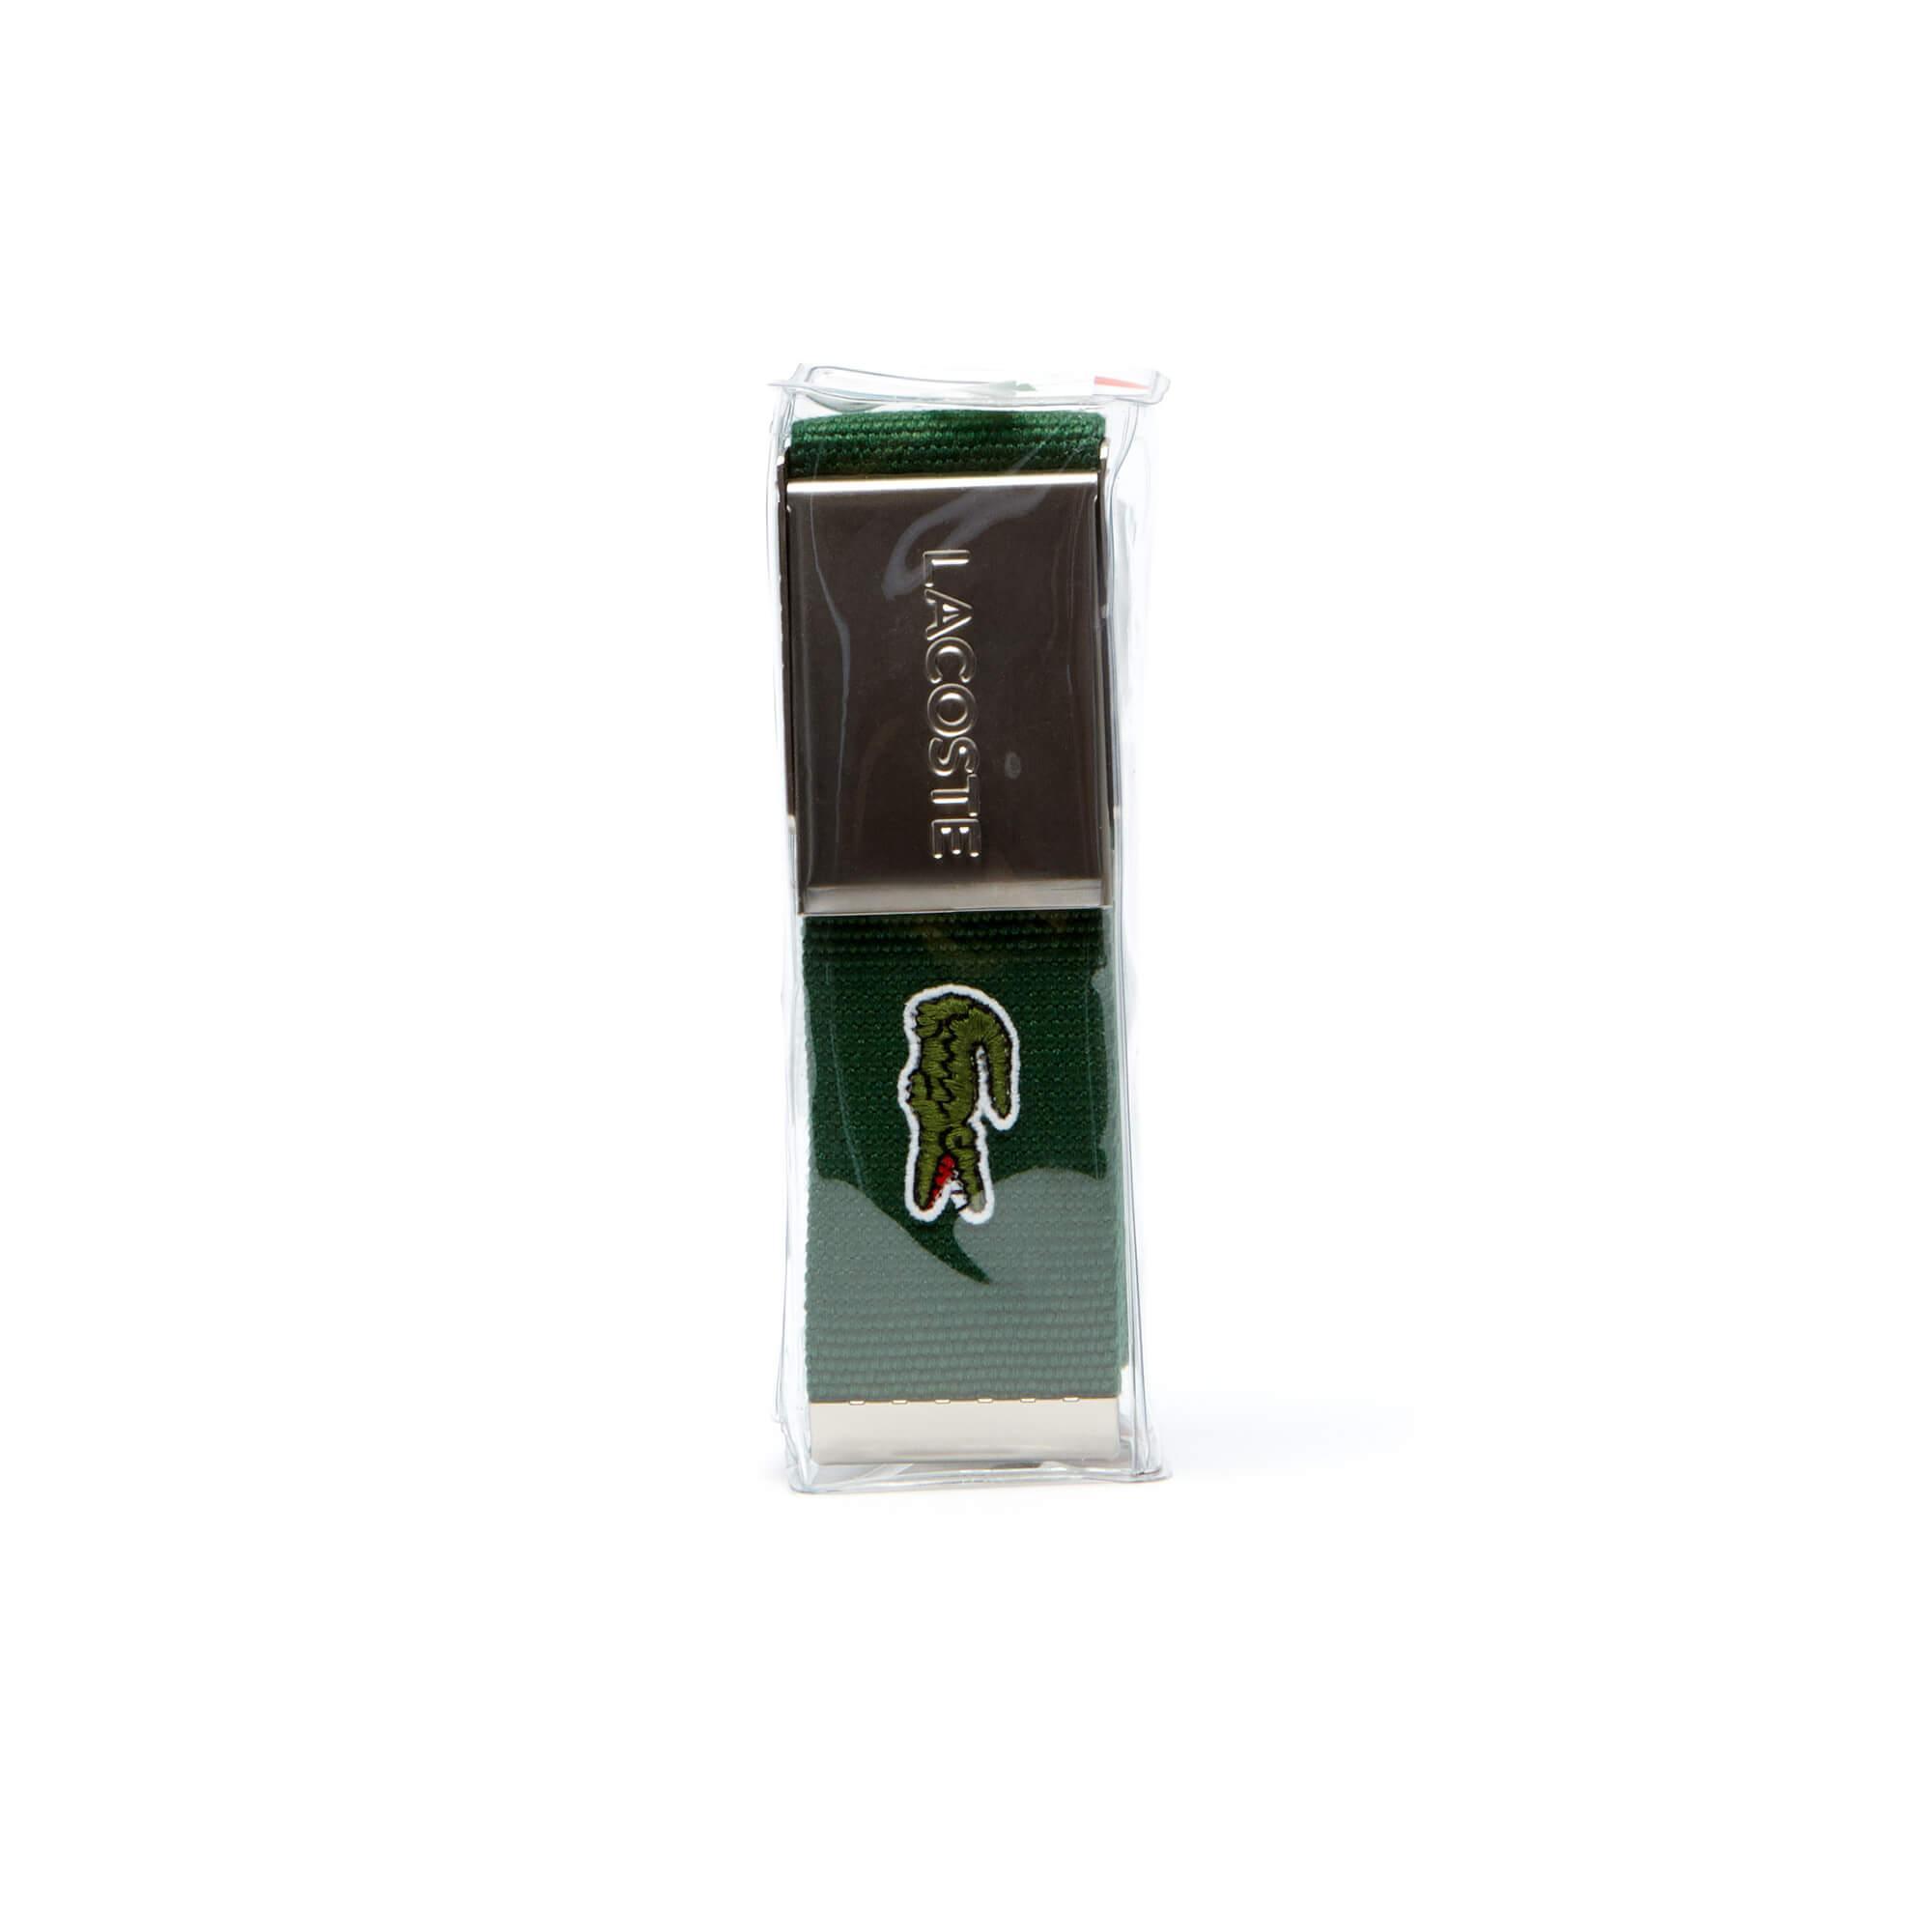 Lacoste Erkek Yeşil Kemer